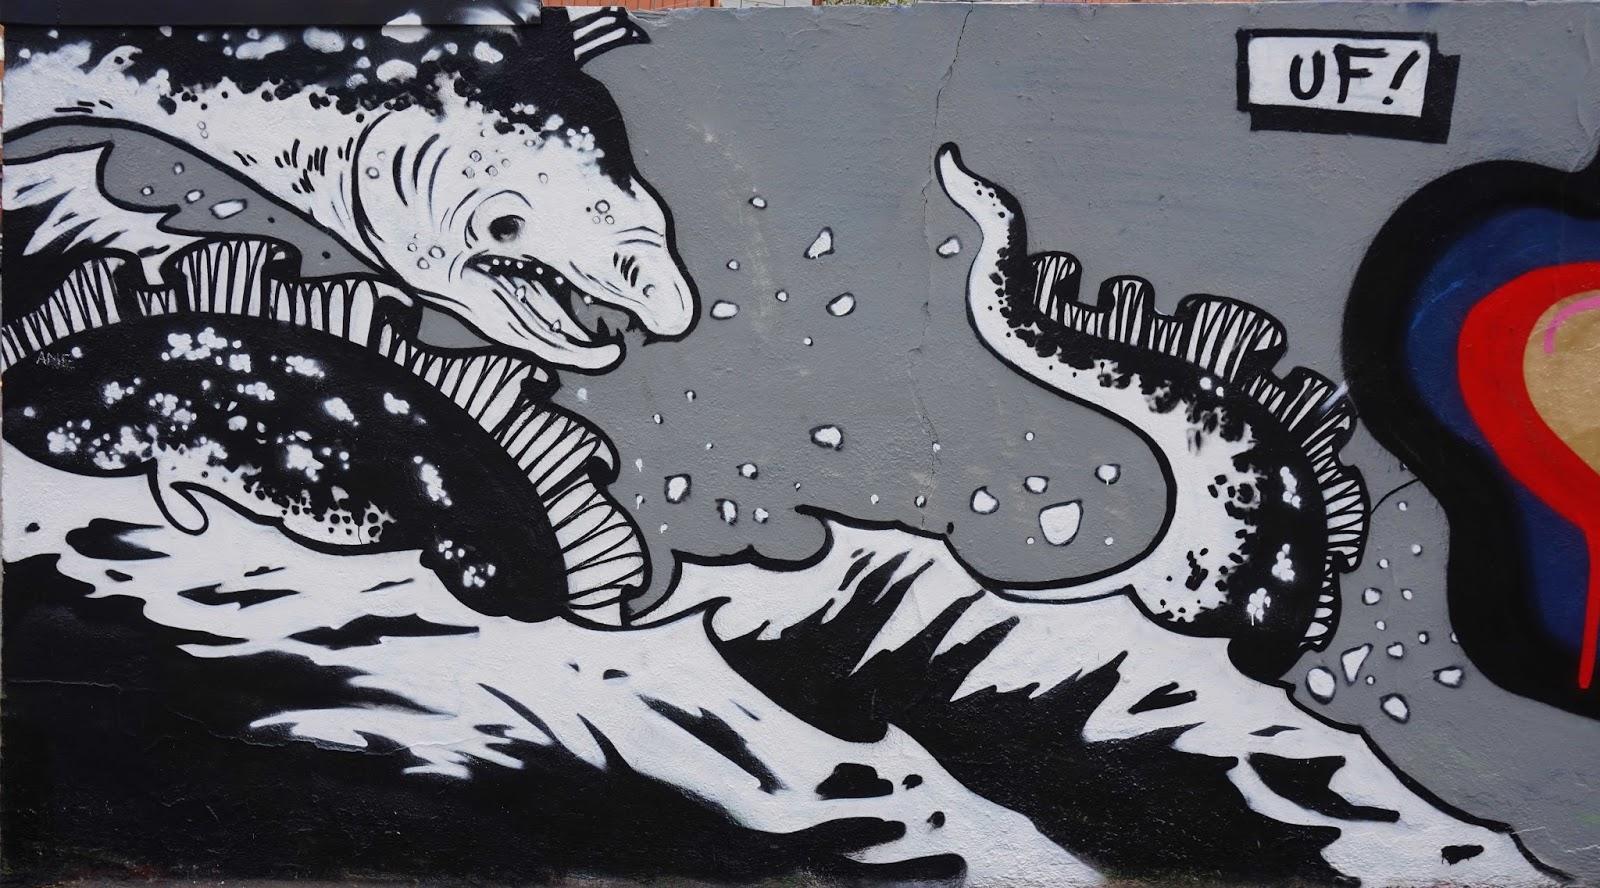 Barcelona Street Art - Sea monster